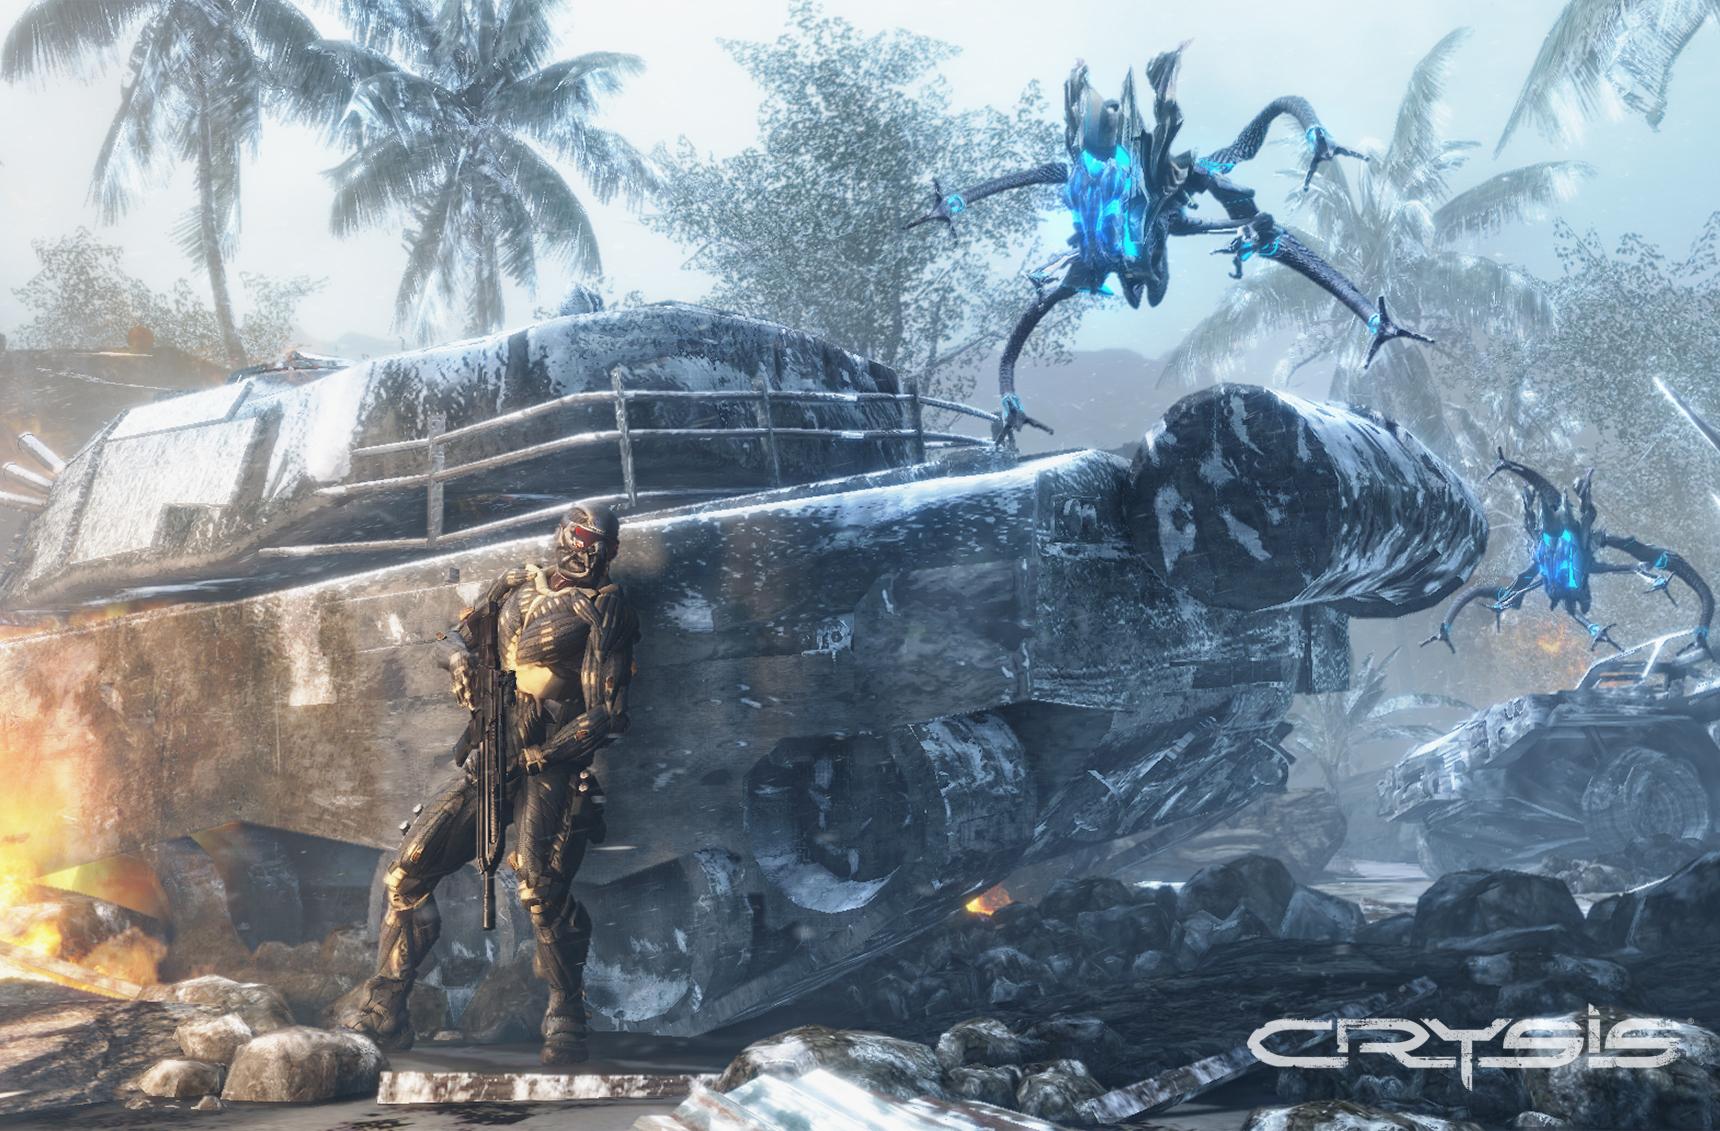 Crysis screenshot